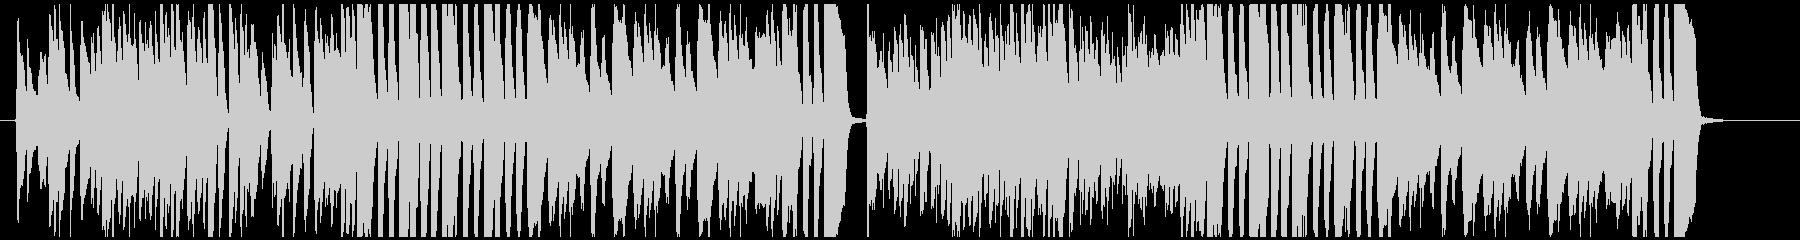 クラシカルで軽快なピアノ曲の未再生の波形